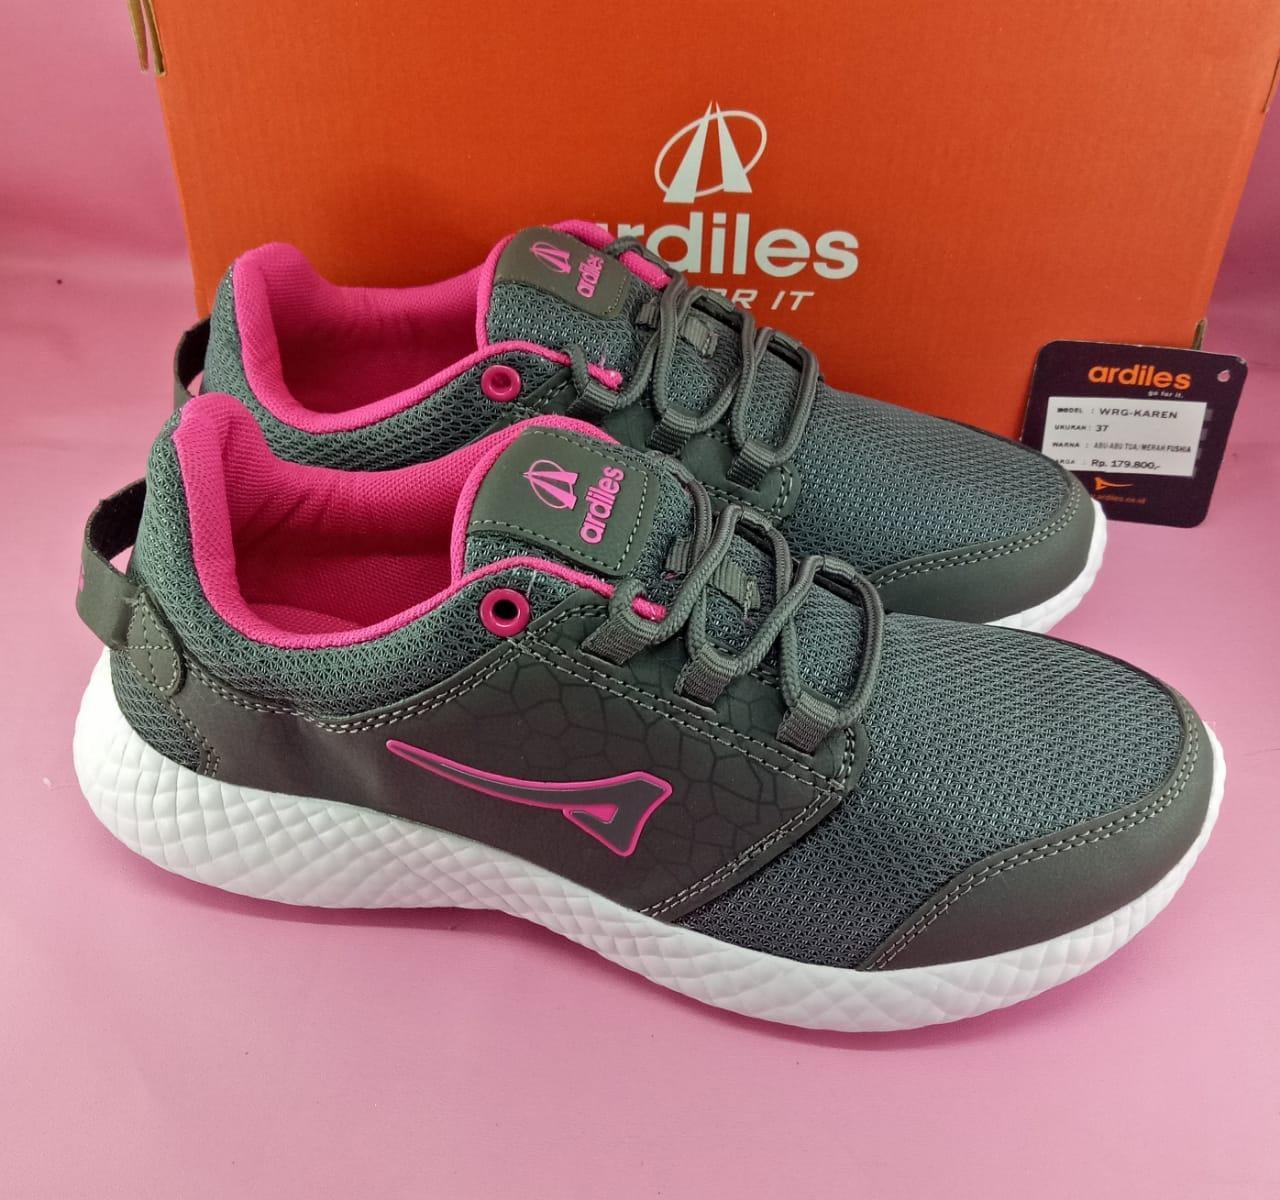 Fitur Sepatu Ardiles Running Caprice Abu Turquice 37 40 Dan Harga Estelle Women Shoes Tua 39 Karen Abutua Fushia